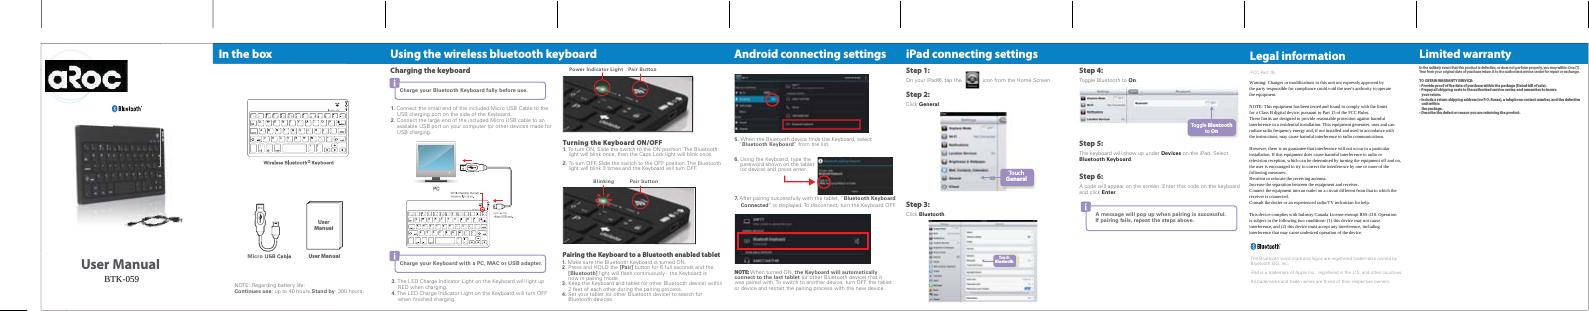 Bluetooth keyboard won't pair Windows 10 2248694-0-png.png